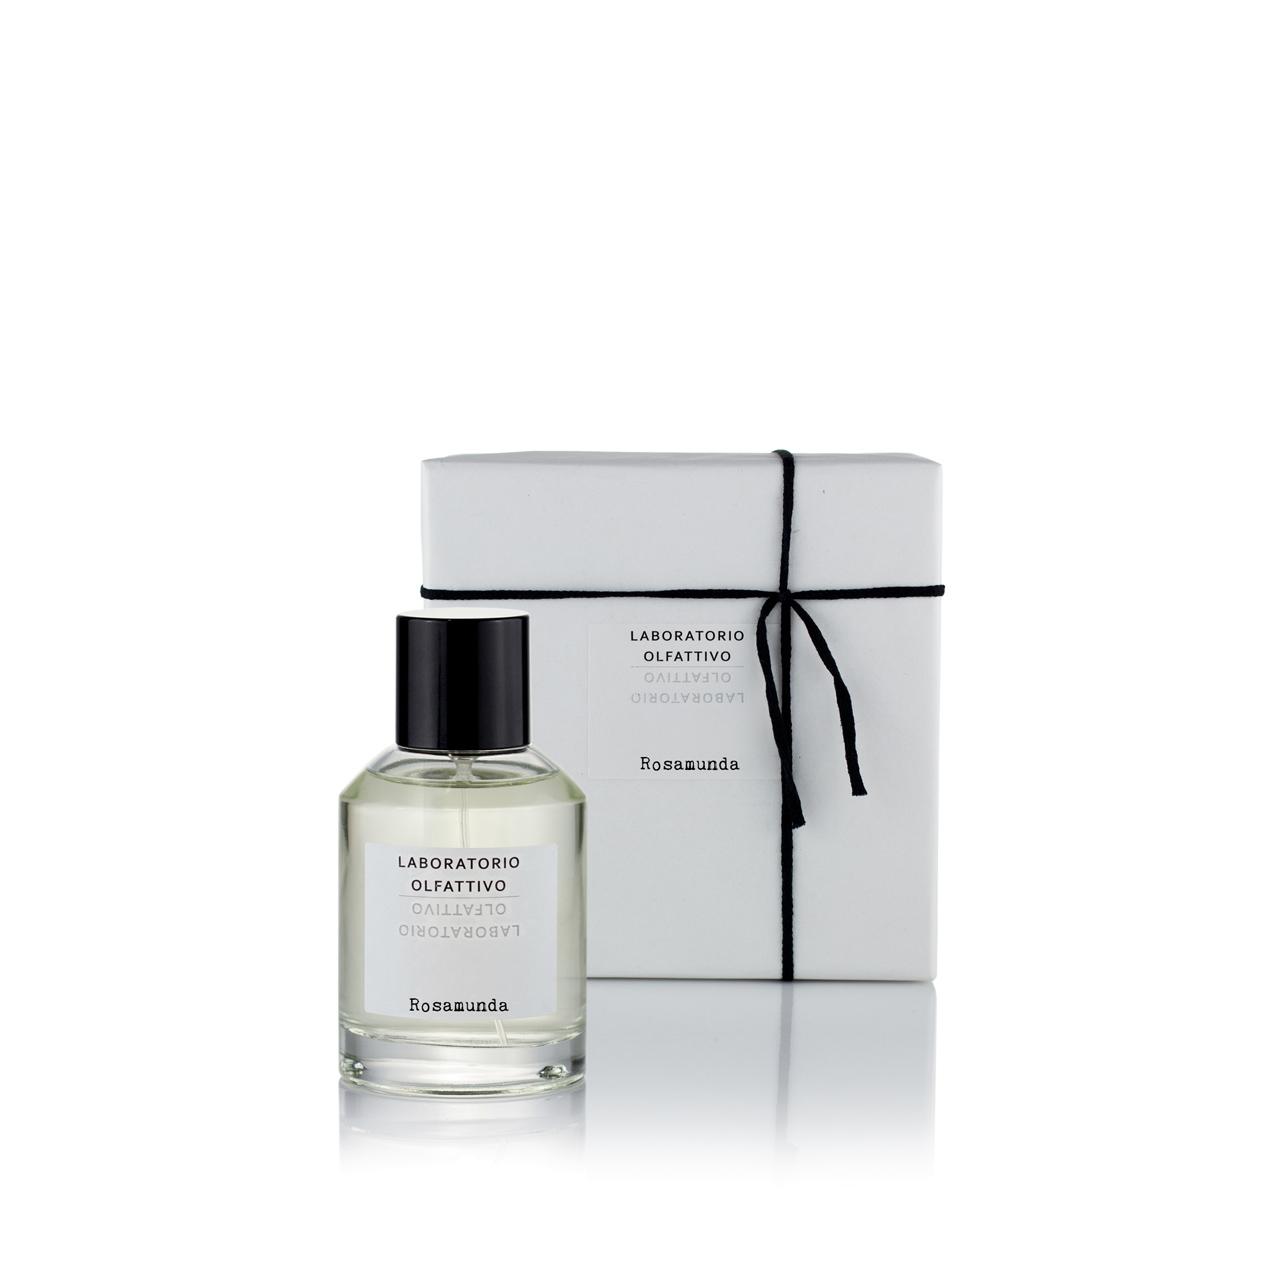 Rosamunda - Eau de Parfum